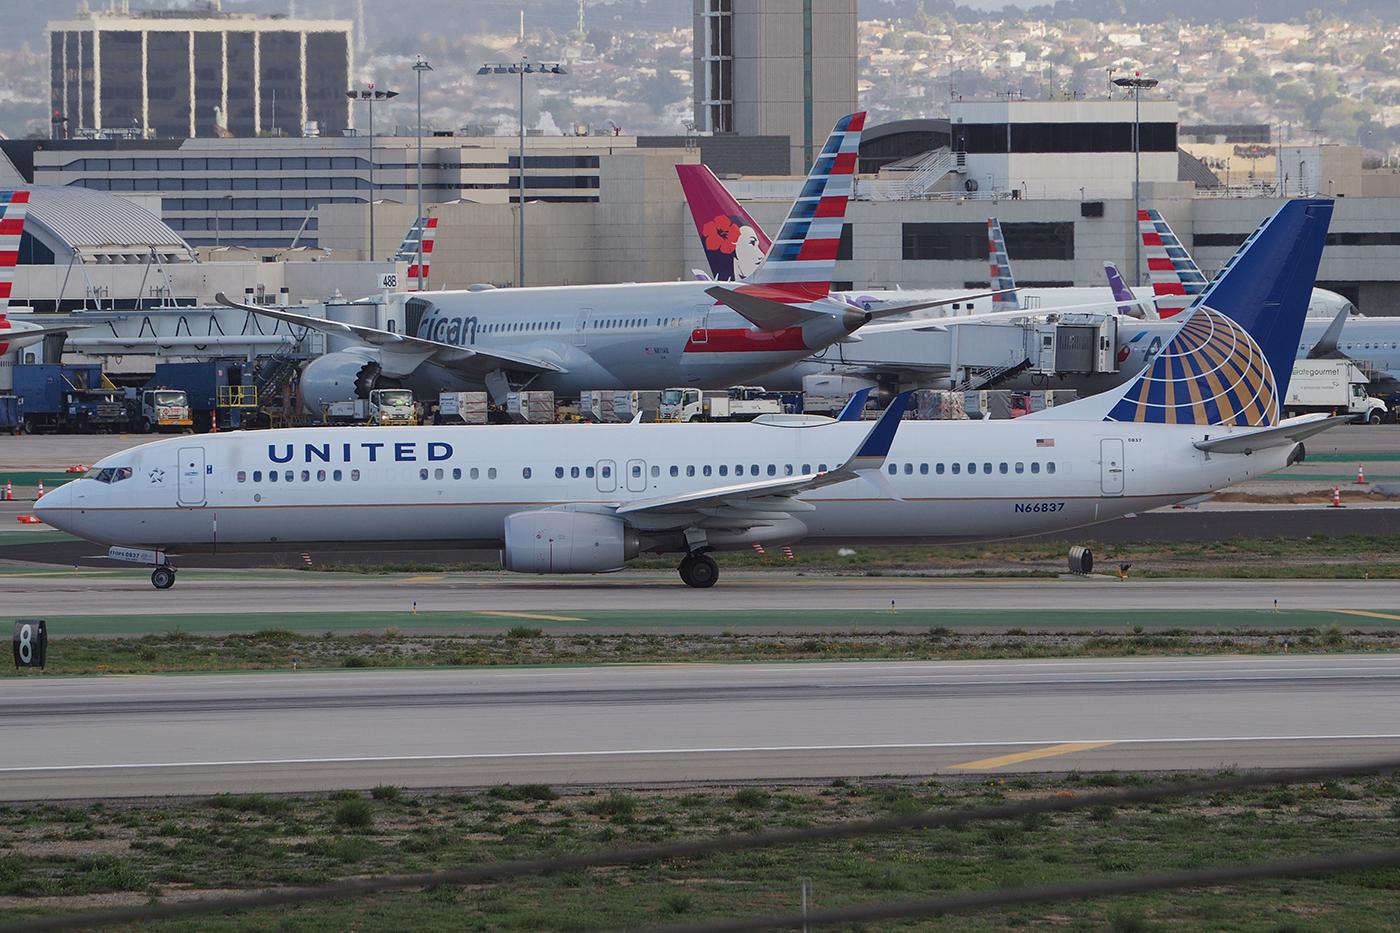 N66837, United, B737-900